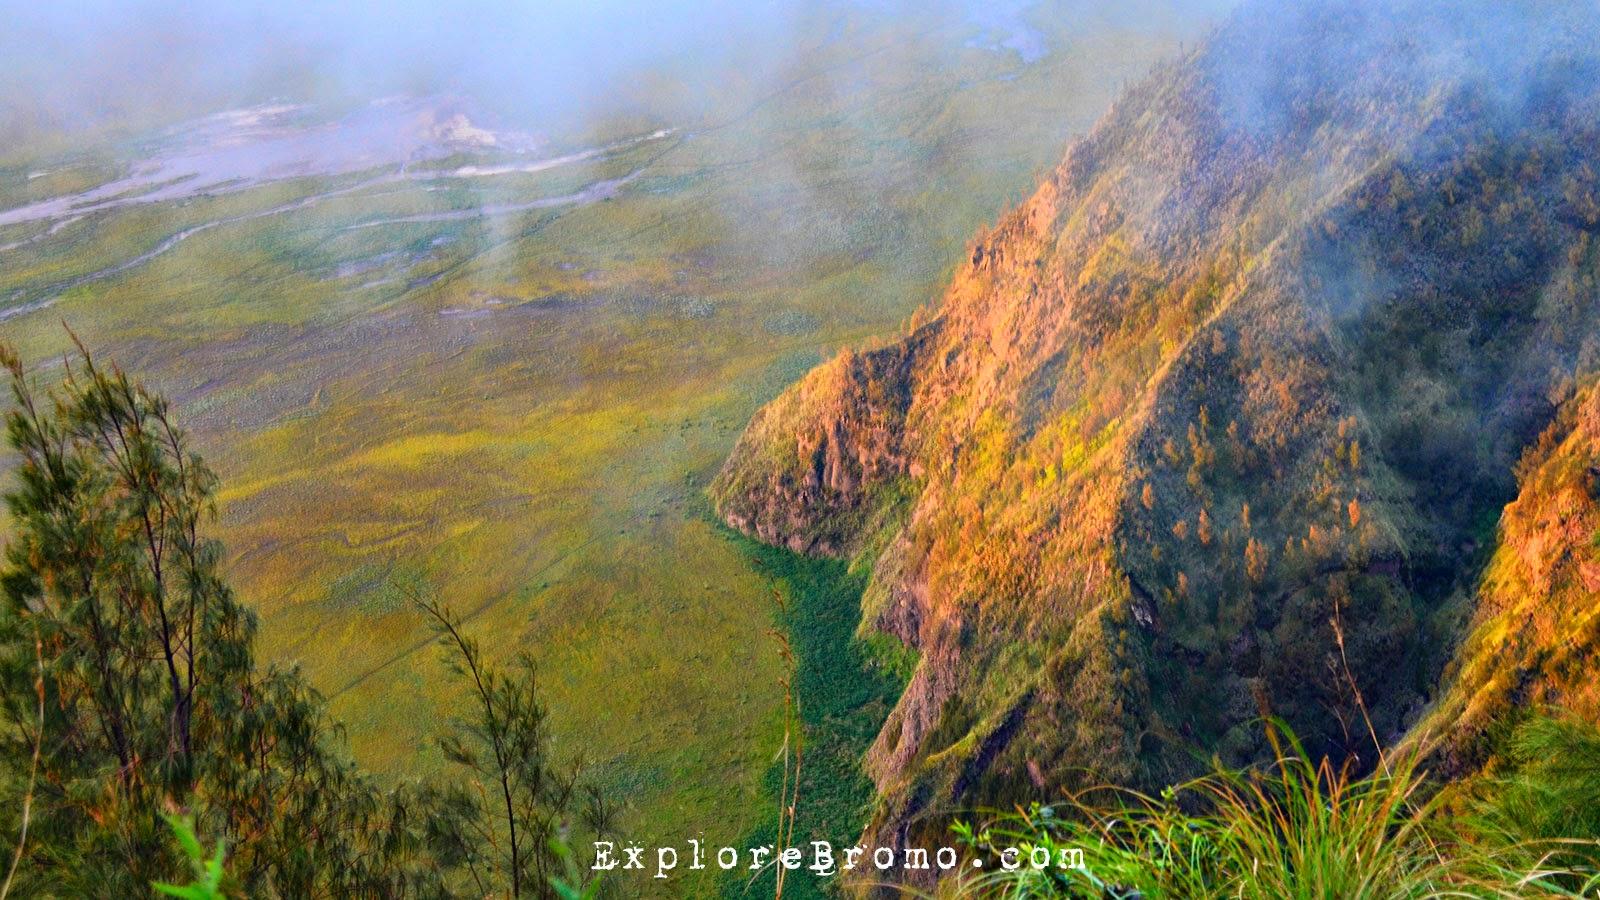 gunung bromo diakses dari malang jawa timur